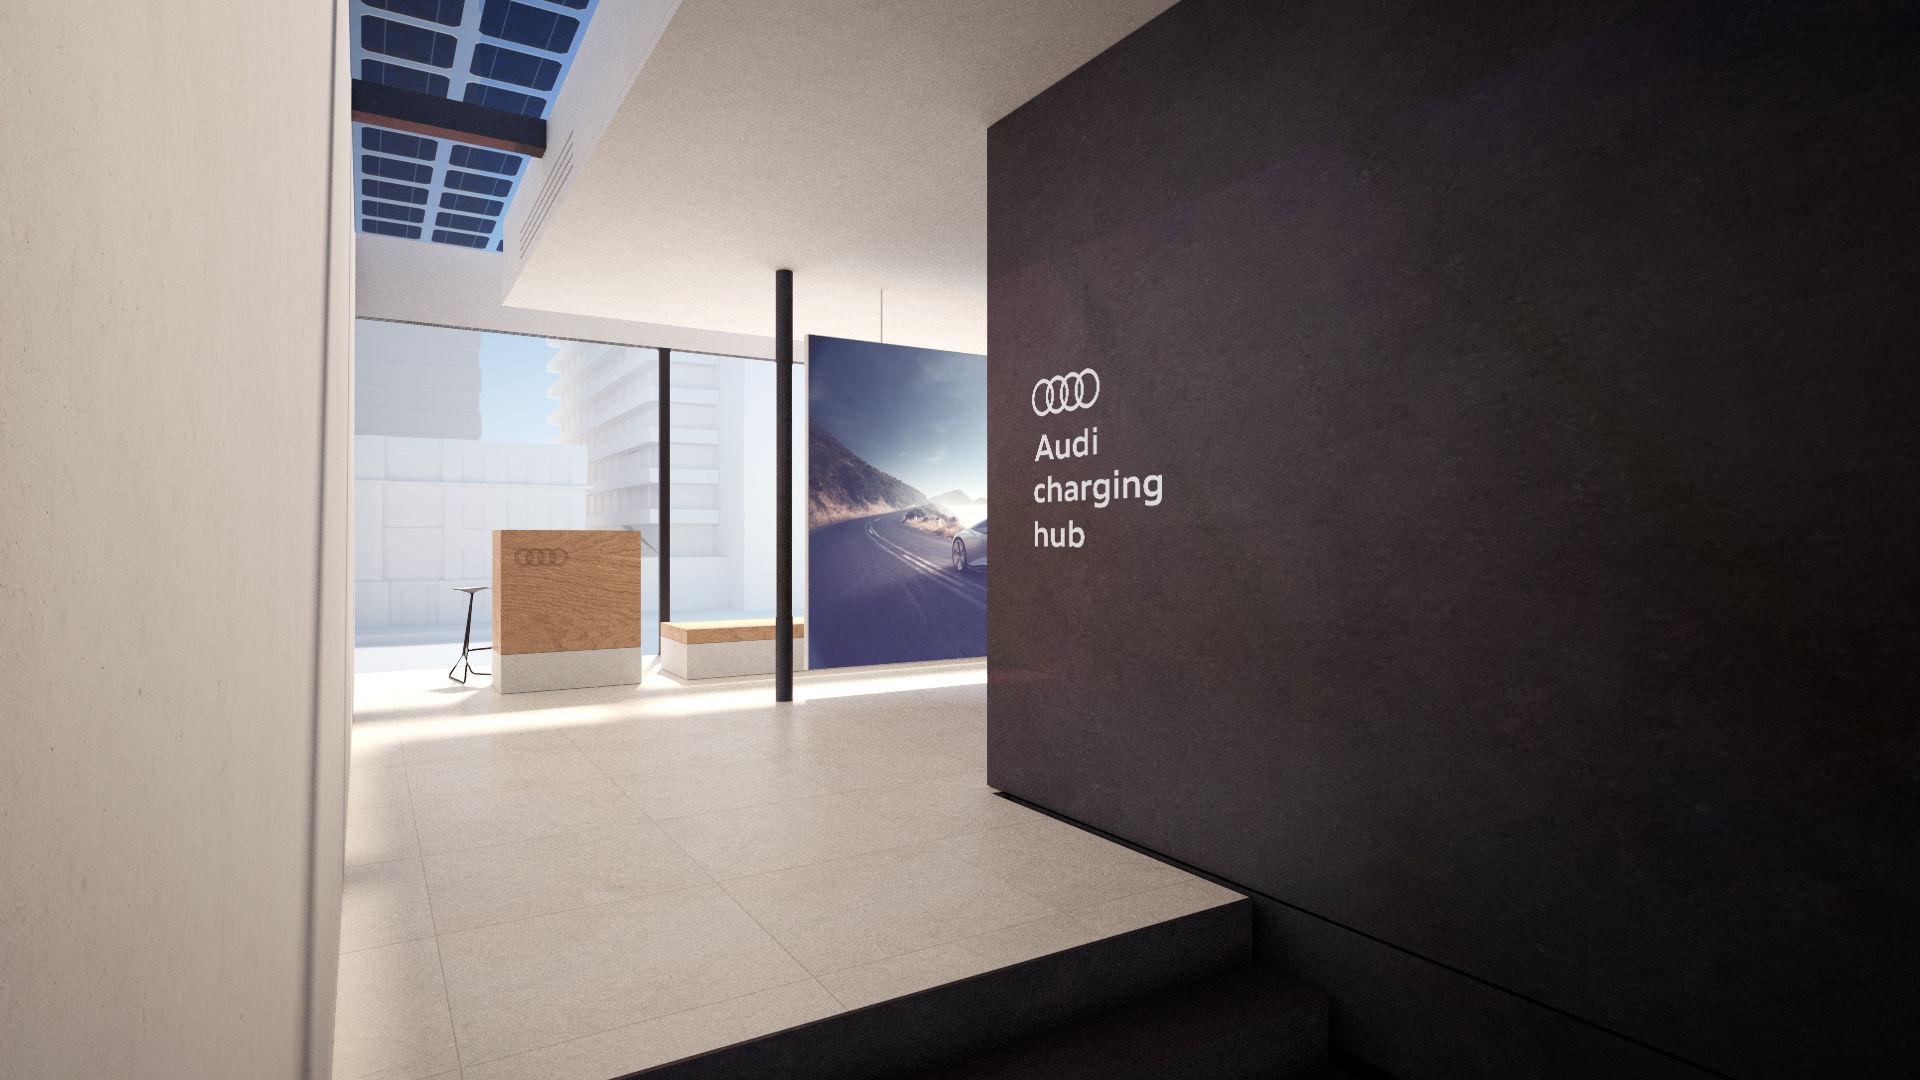 Audi Charging Hub Inside